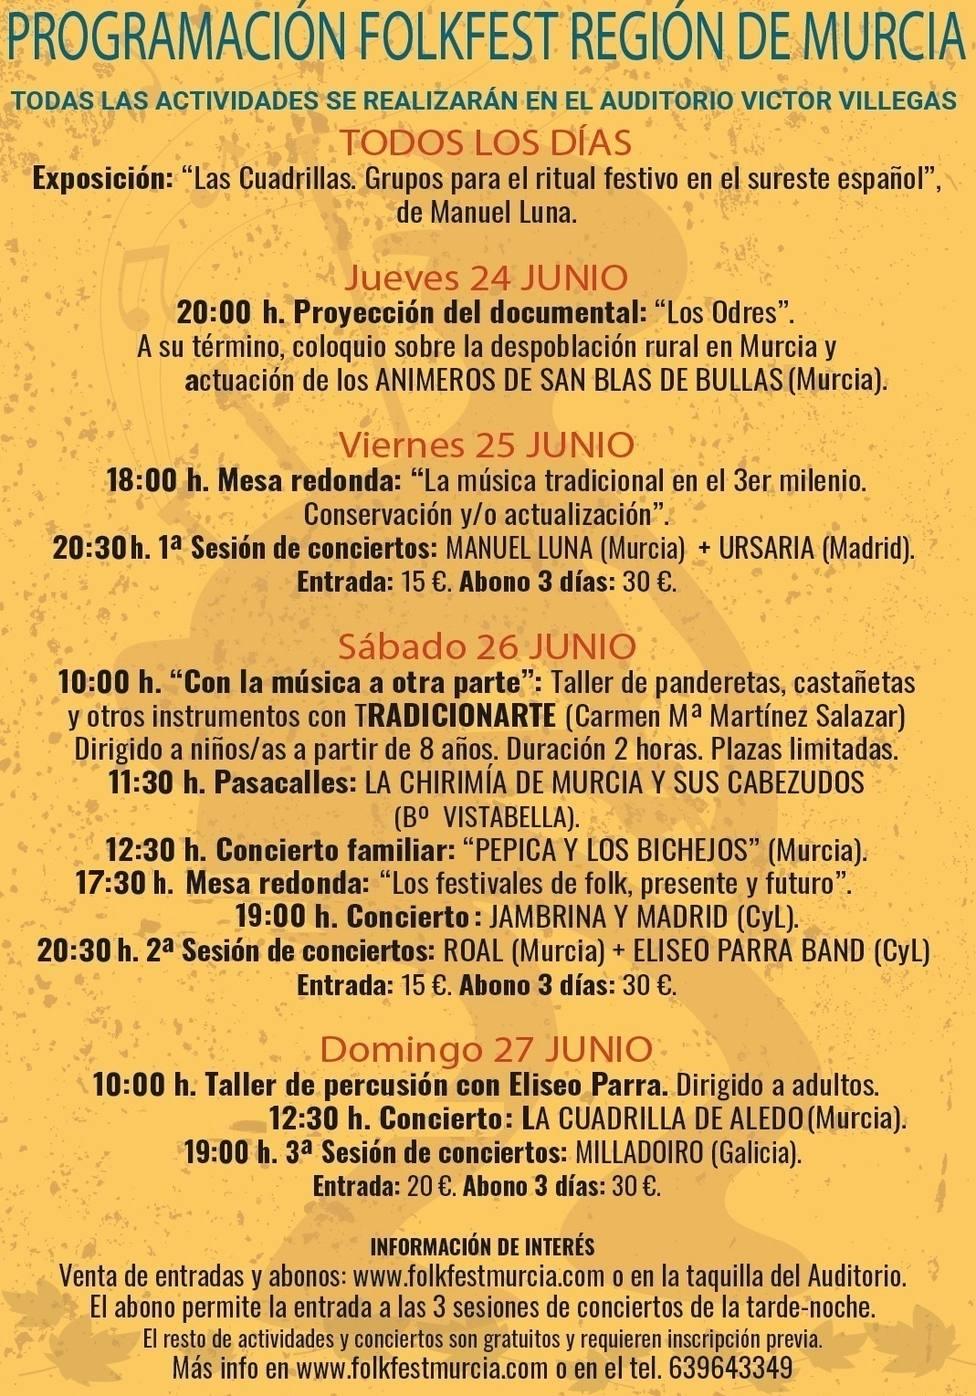 ctv-wz9-108730-20210623programacinfolkfest